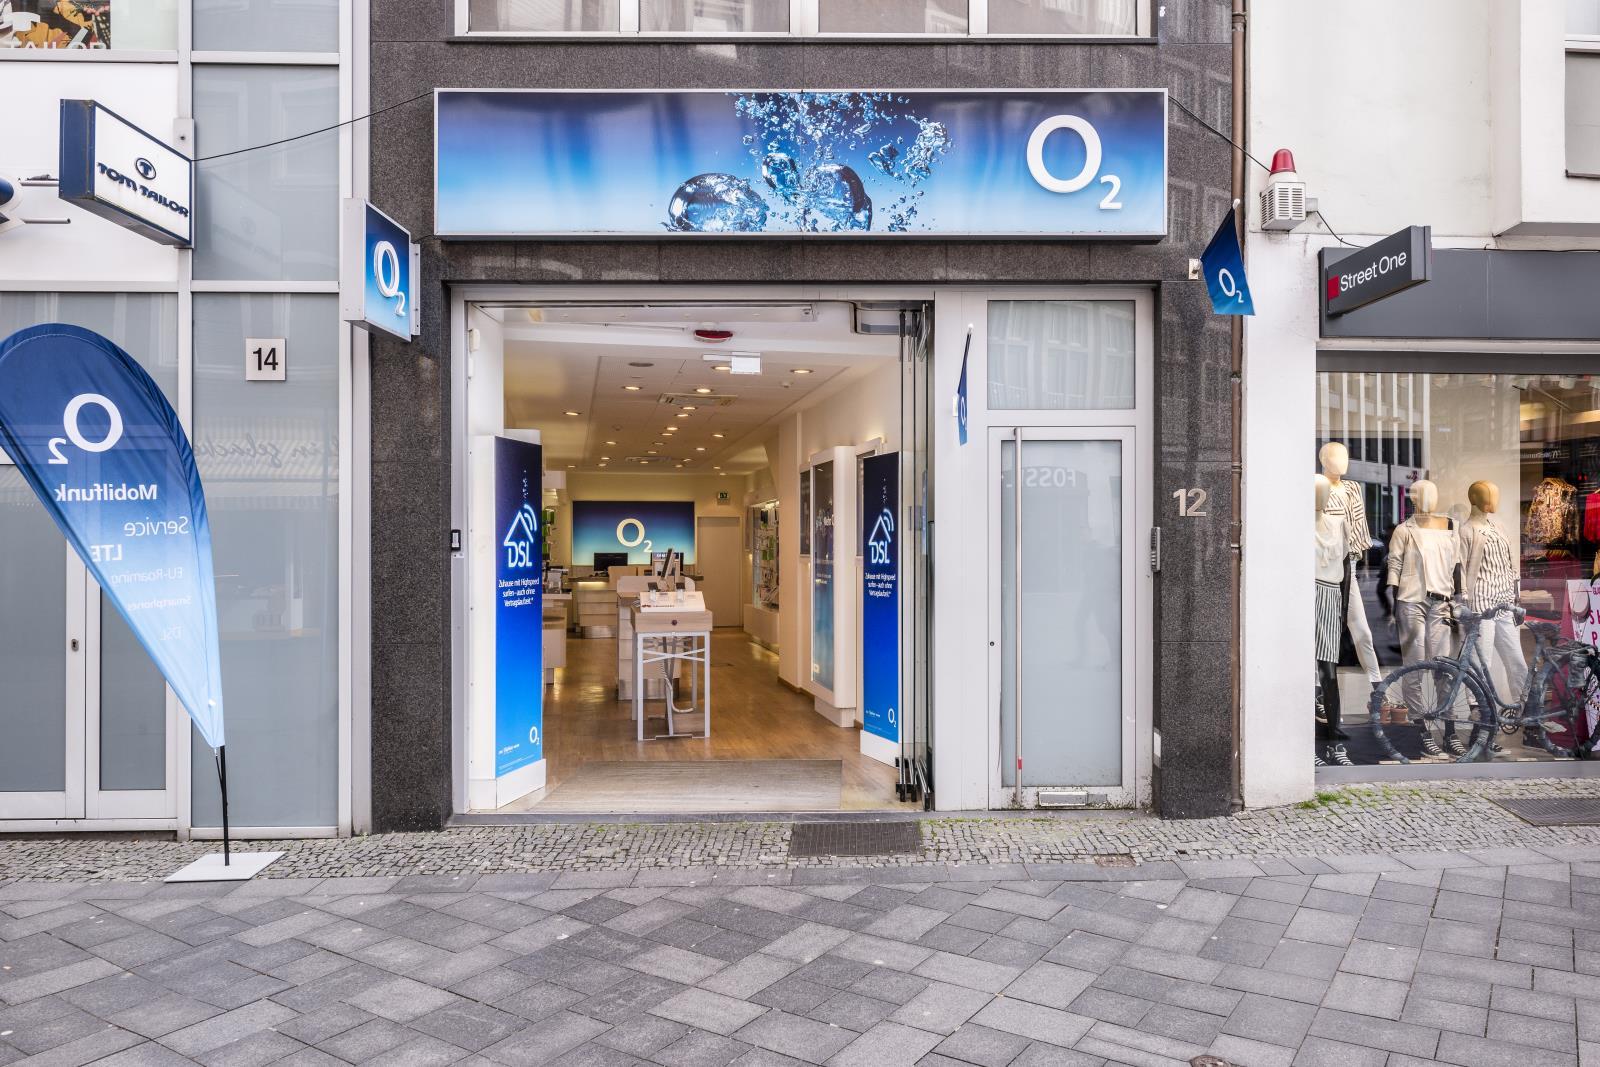 o2 Shop - GESCHLOSSEN, Adalbertstraße 12 in Aachen